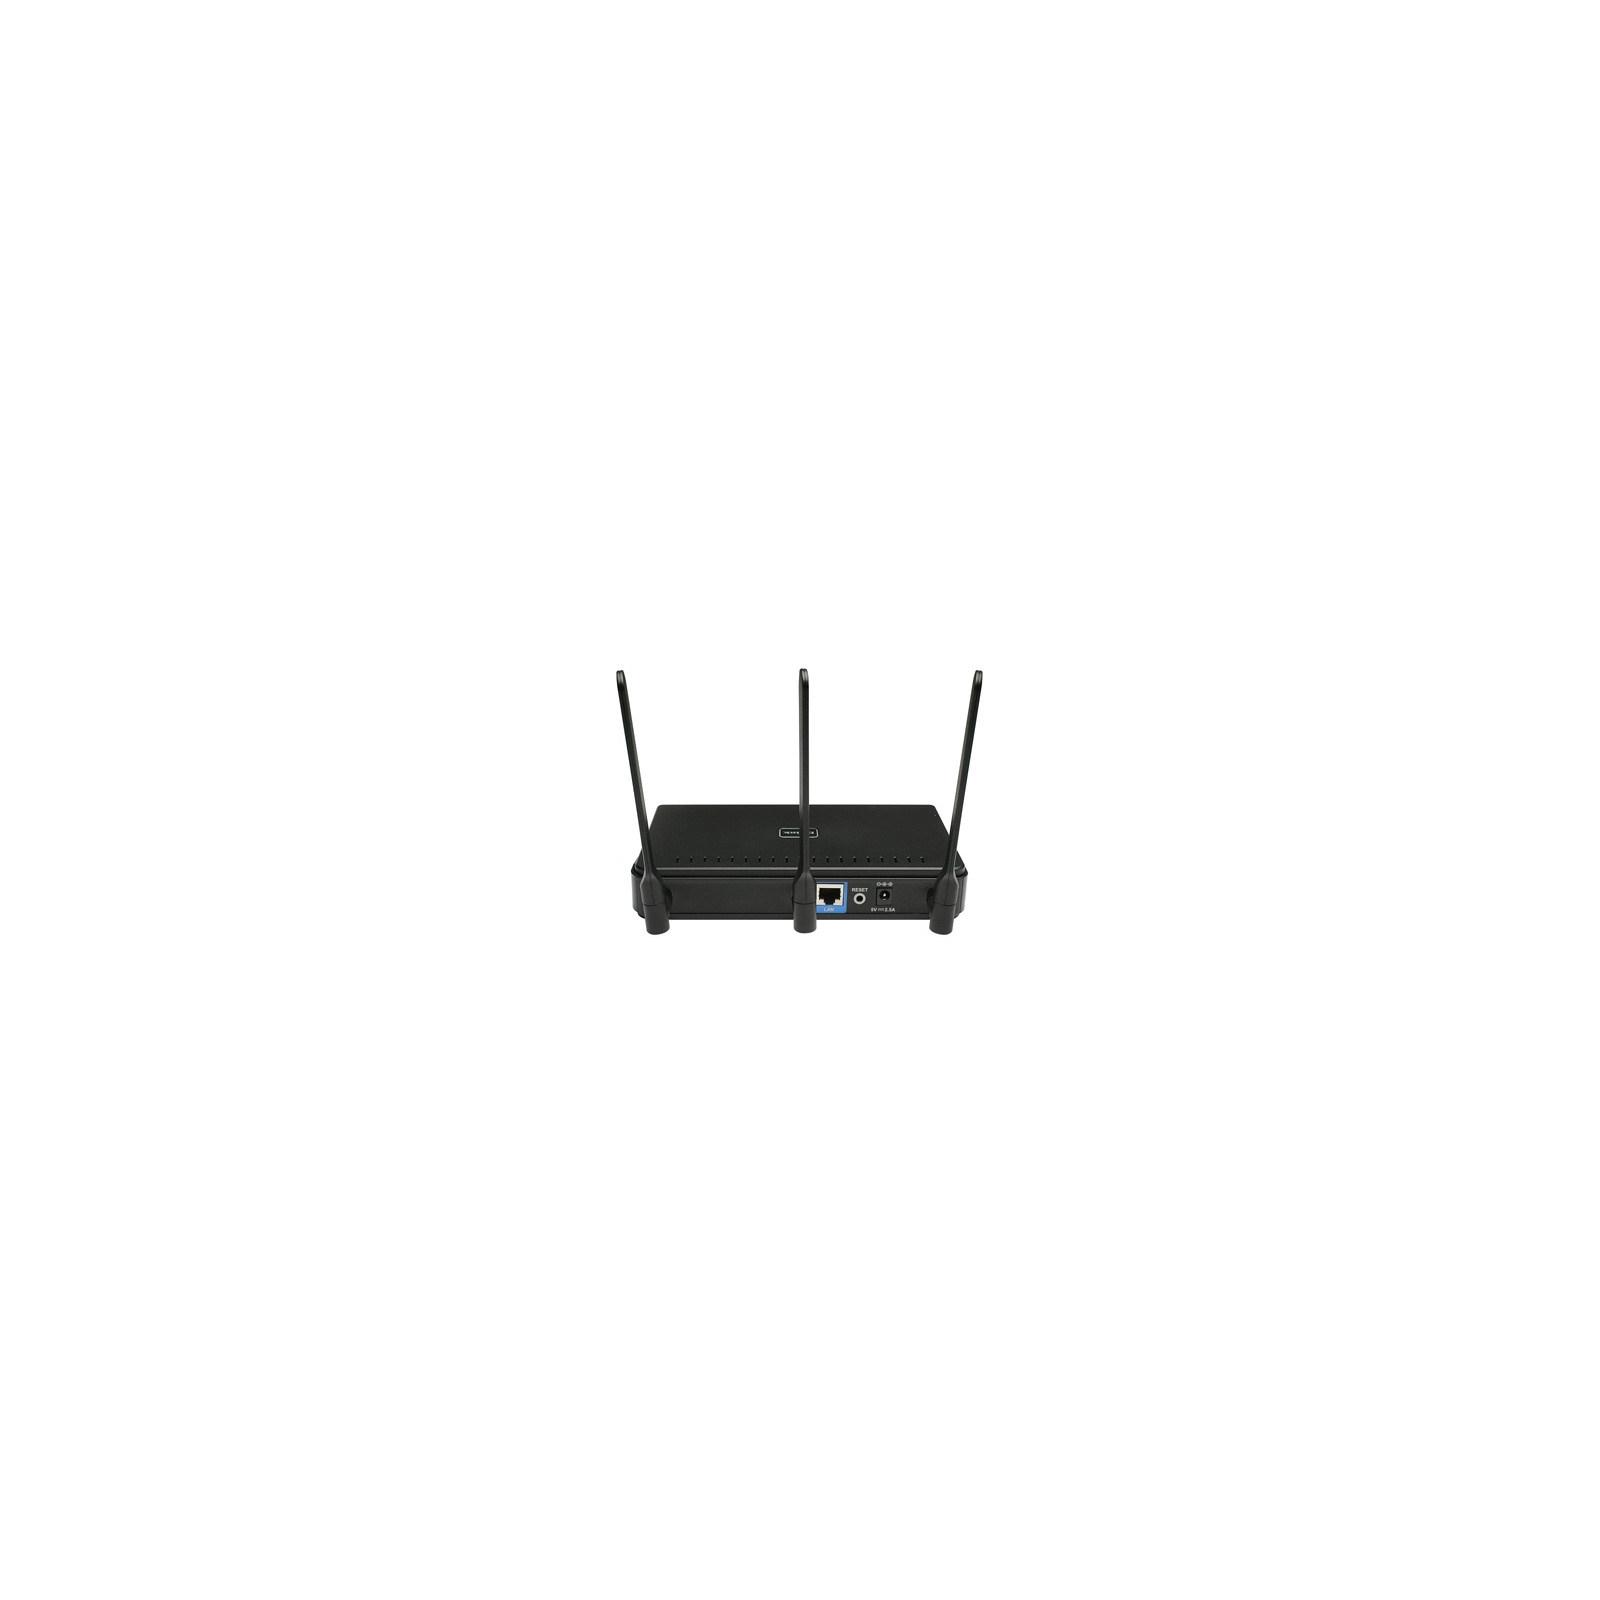 Точка доступа Wi-Fi D-Link DAP-2553 изображение 2